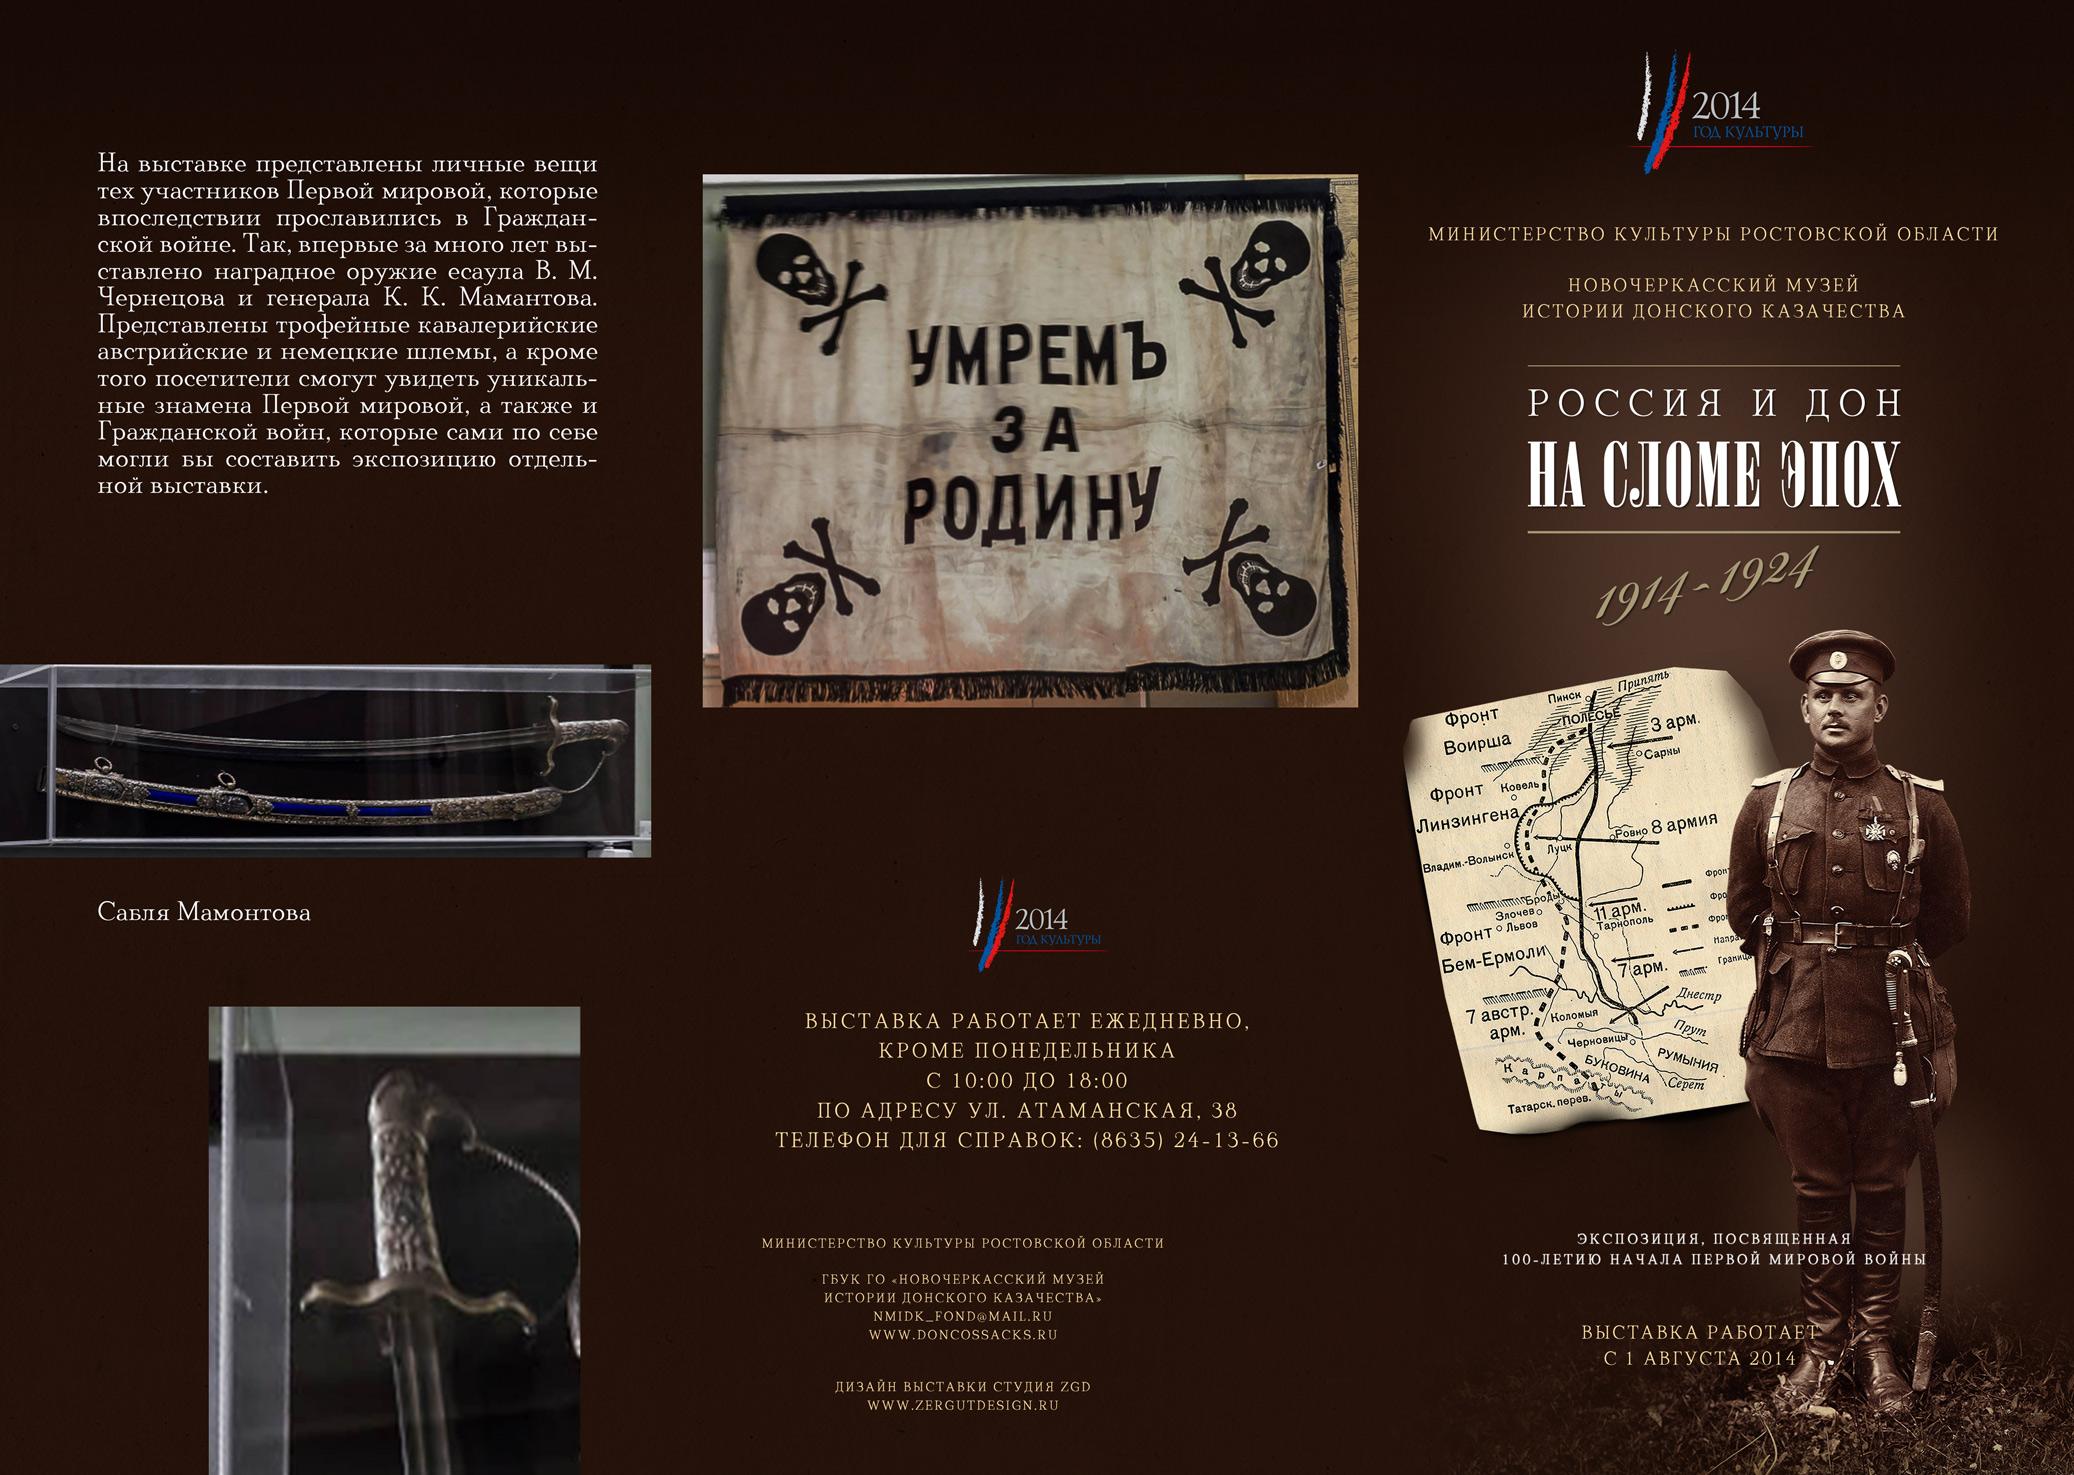 «Россия и Дон на сломе эпох.1914-1924»